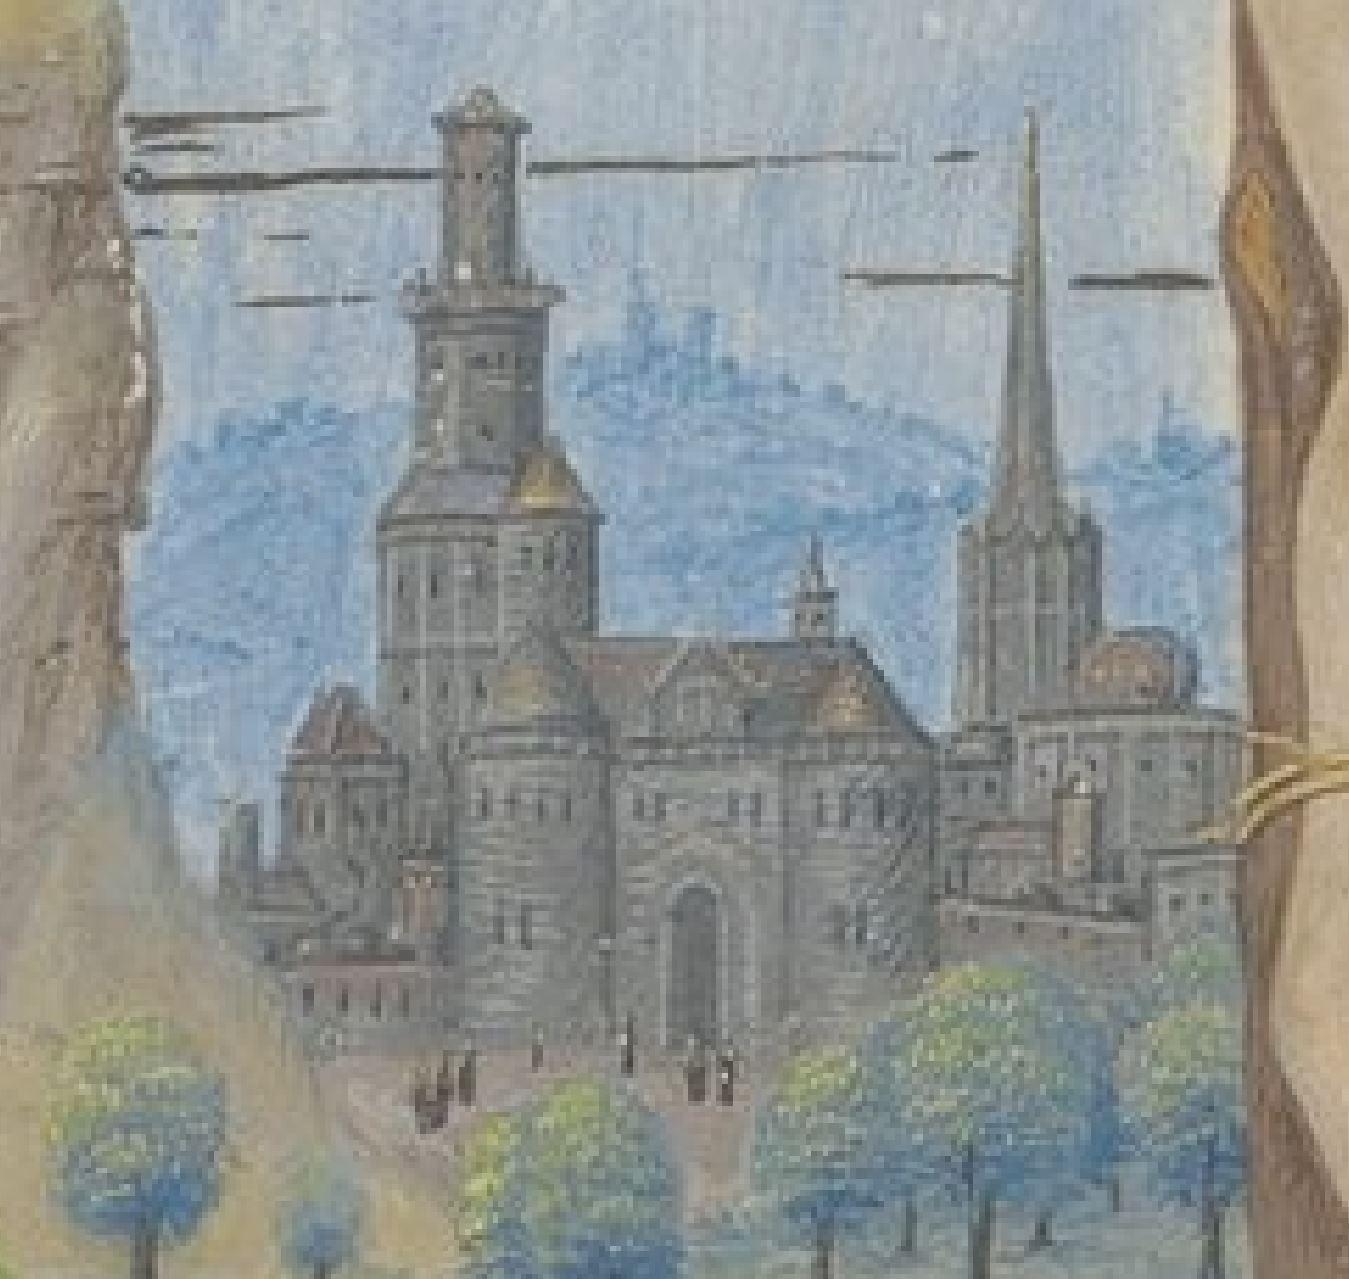 Maitre d'Antoine Rolin Heures de Boussu, 1490-96 BNF Arsenal. Ms-1185 réserve fol 198v Gallica detail